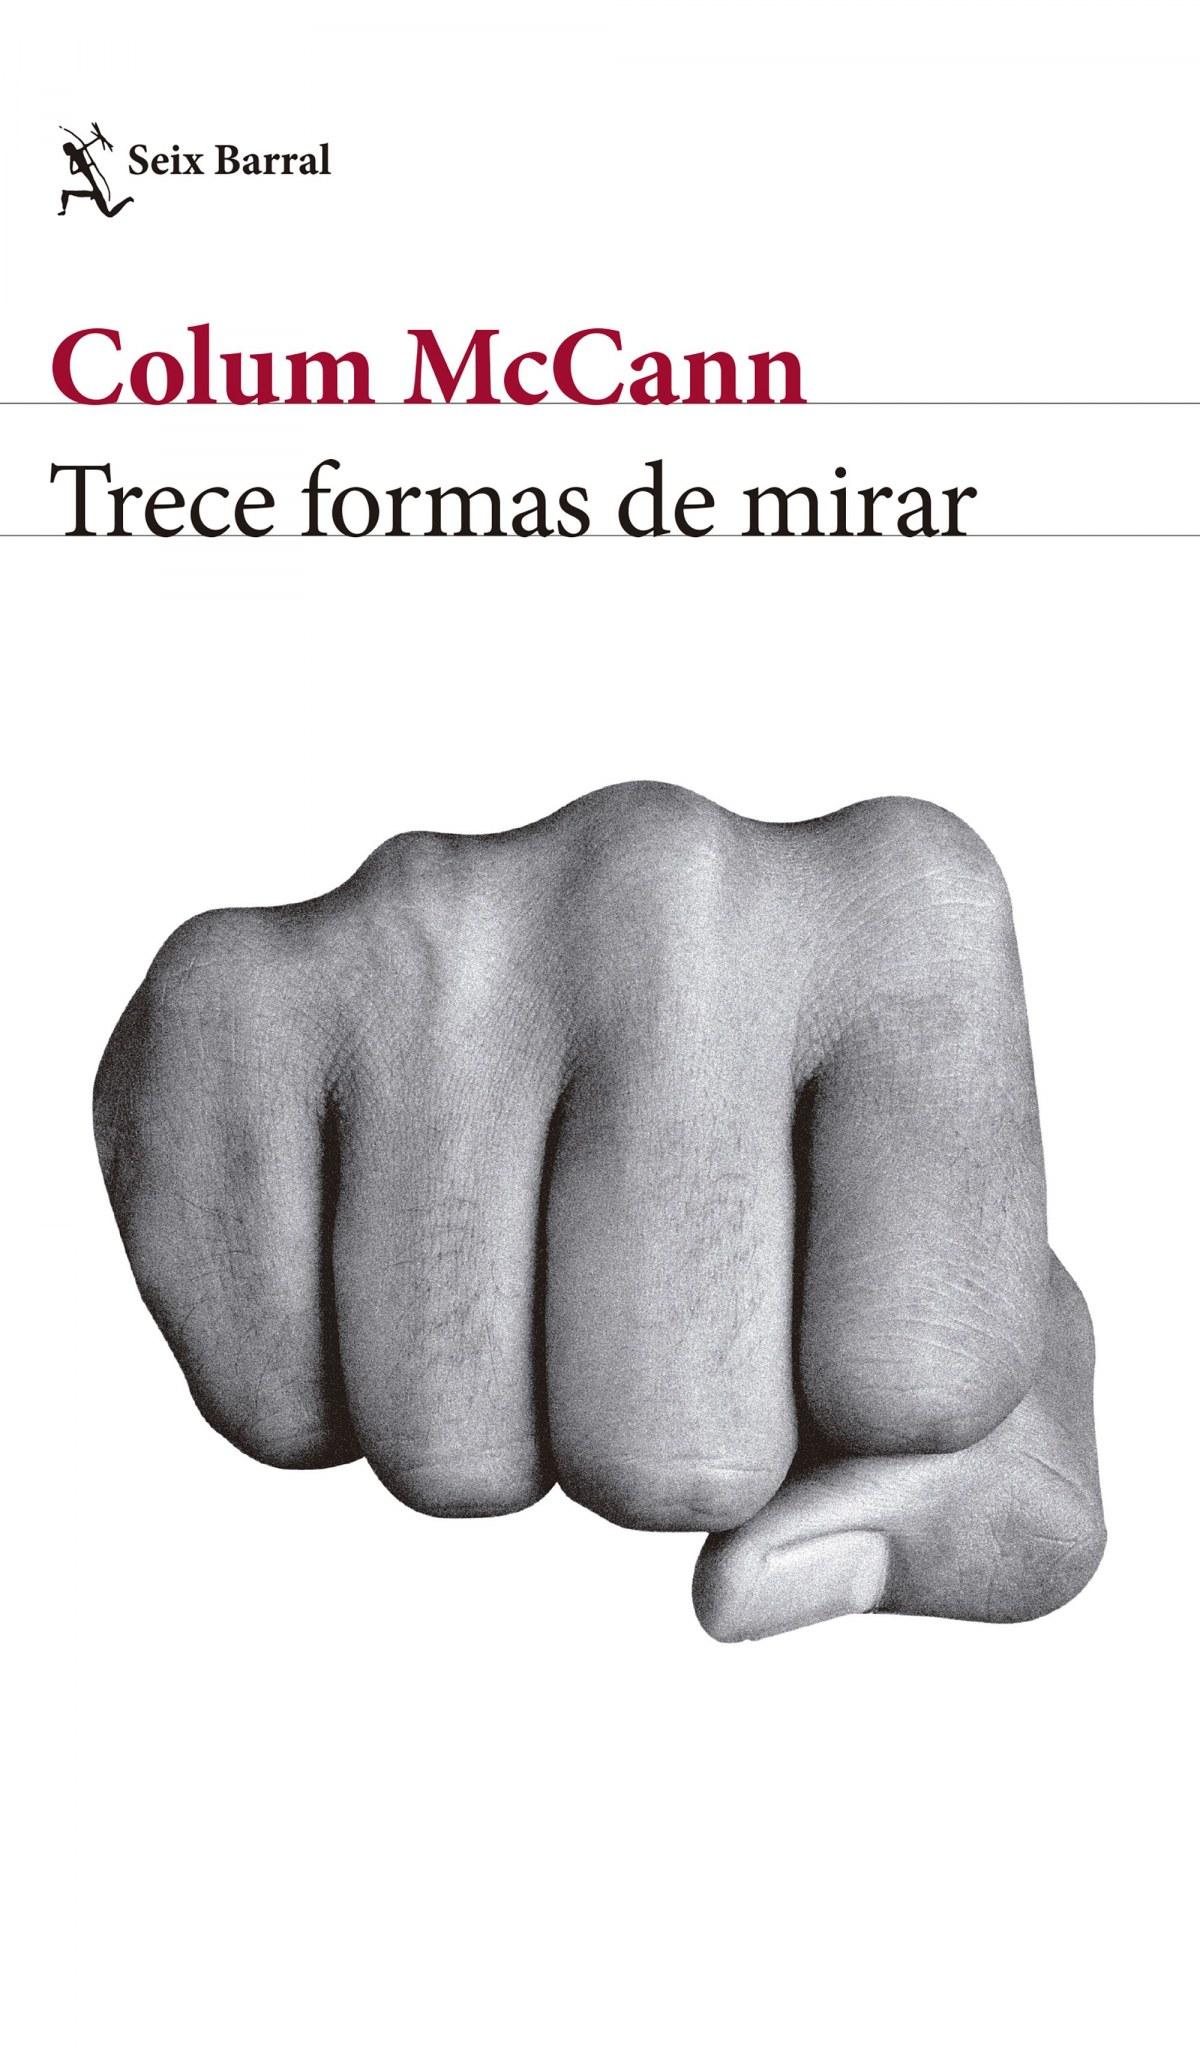 TRECE FORMAS DE MIRAR